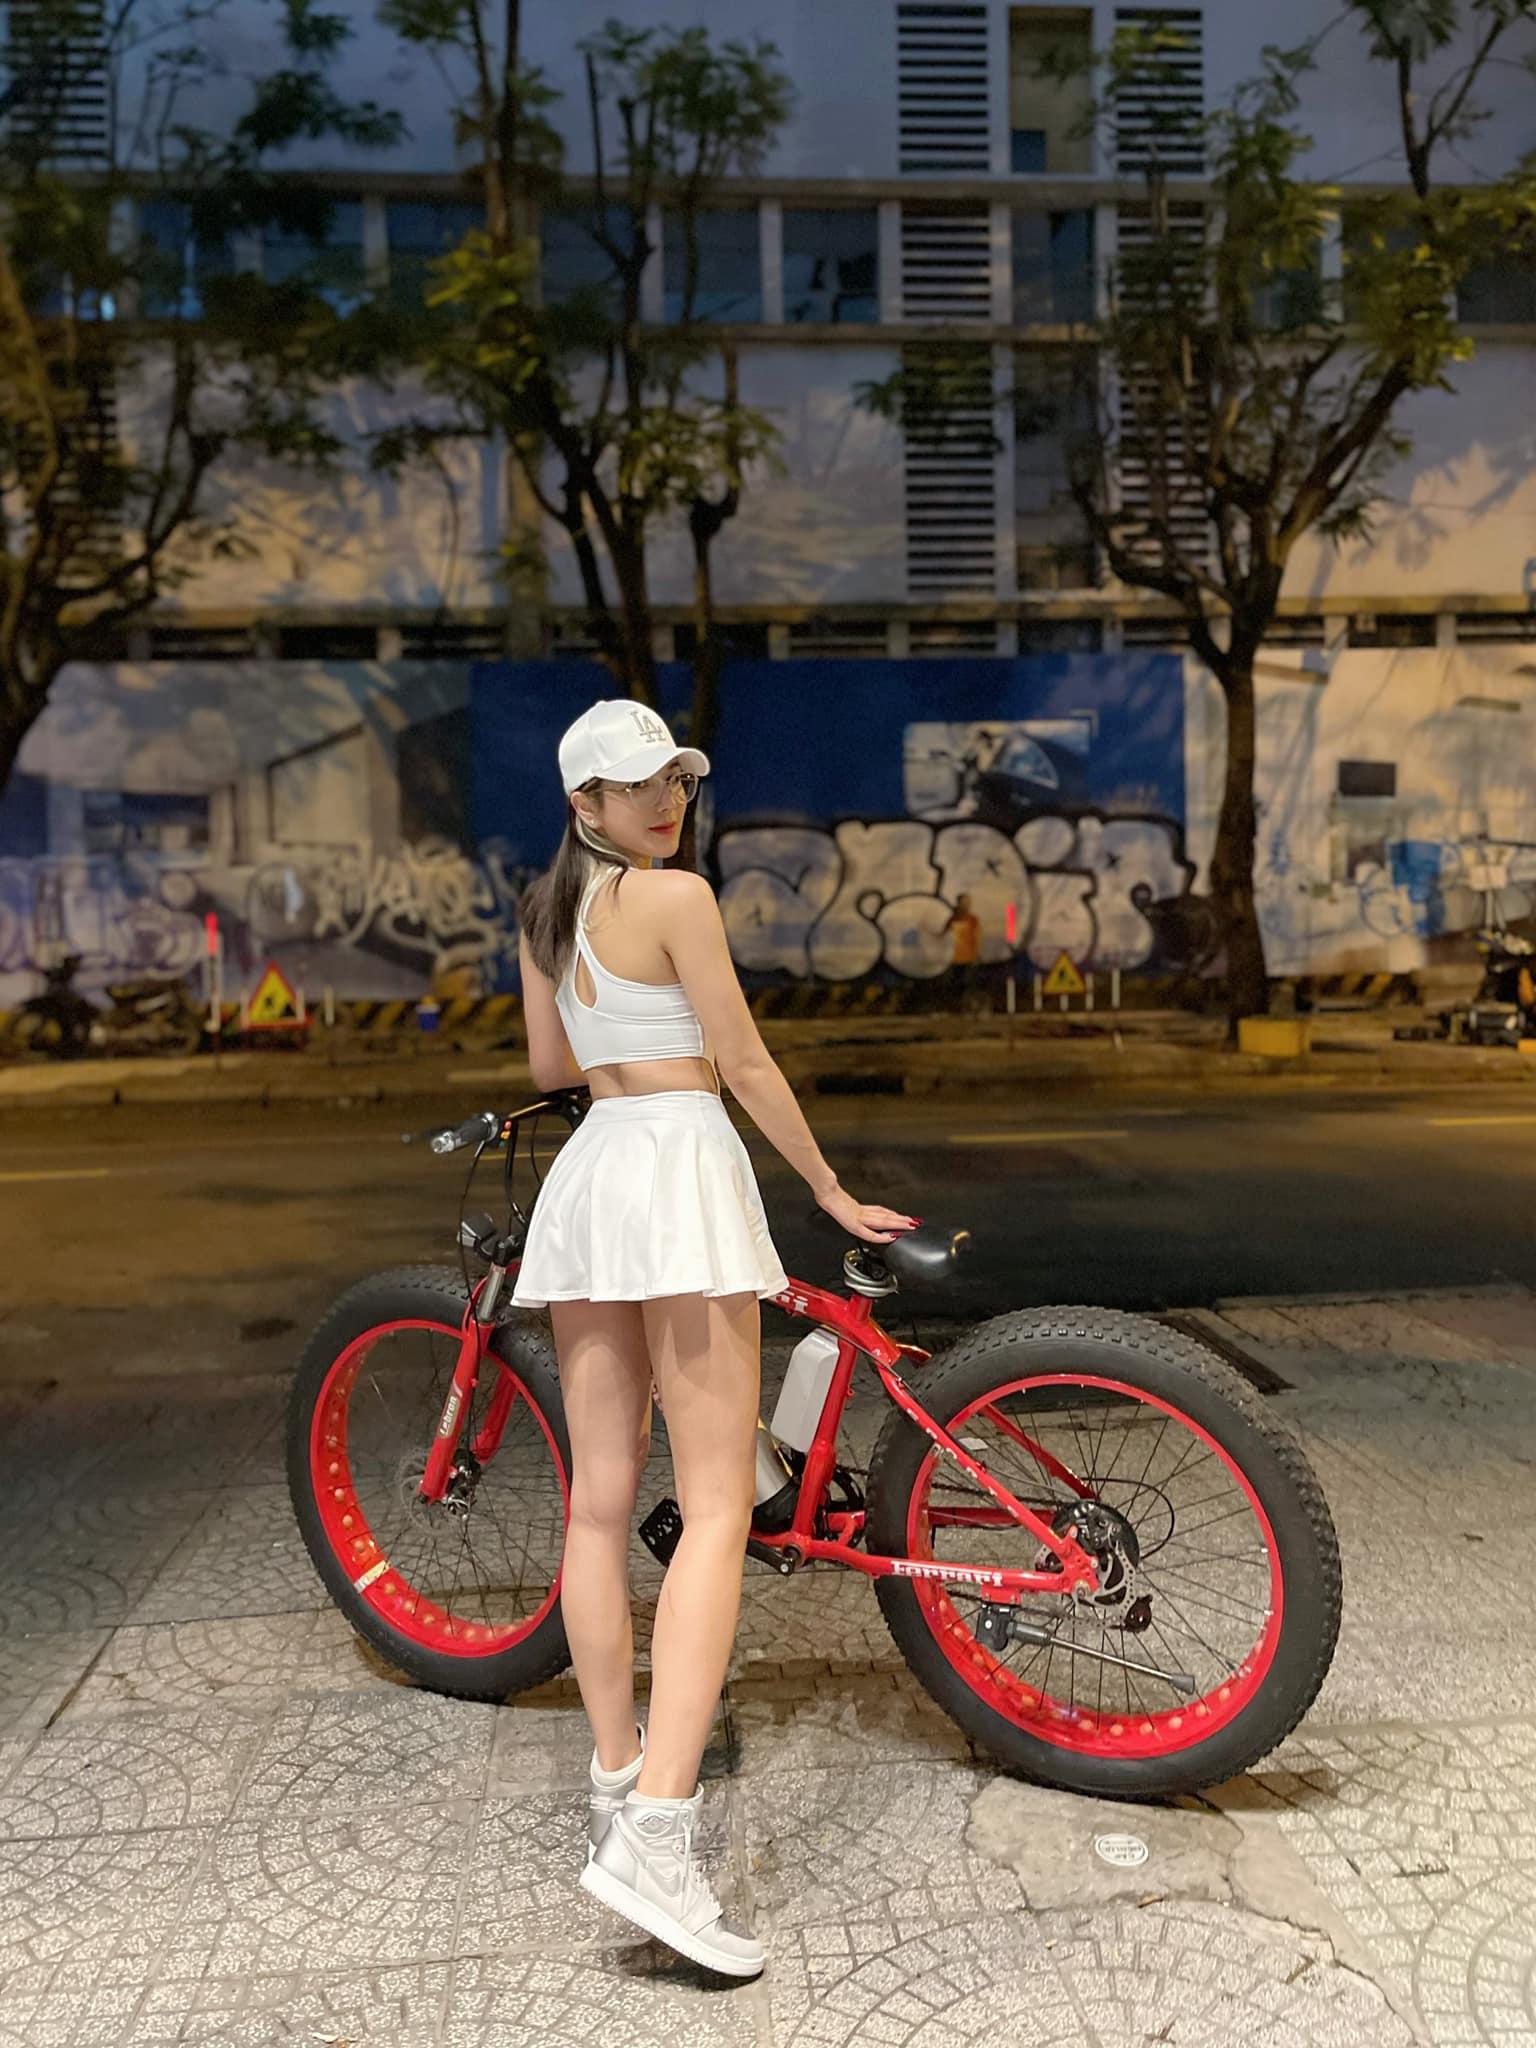 Mặc gợi cảm đi xe đạp: Hoàng Thùy Linh diện váy ren, Quỳnh Nga chơi hẳn bikini - hình ảnh 2